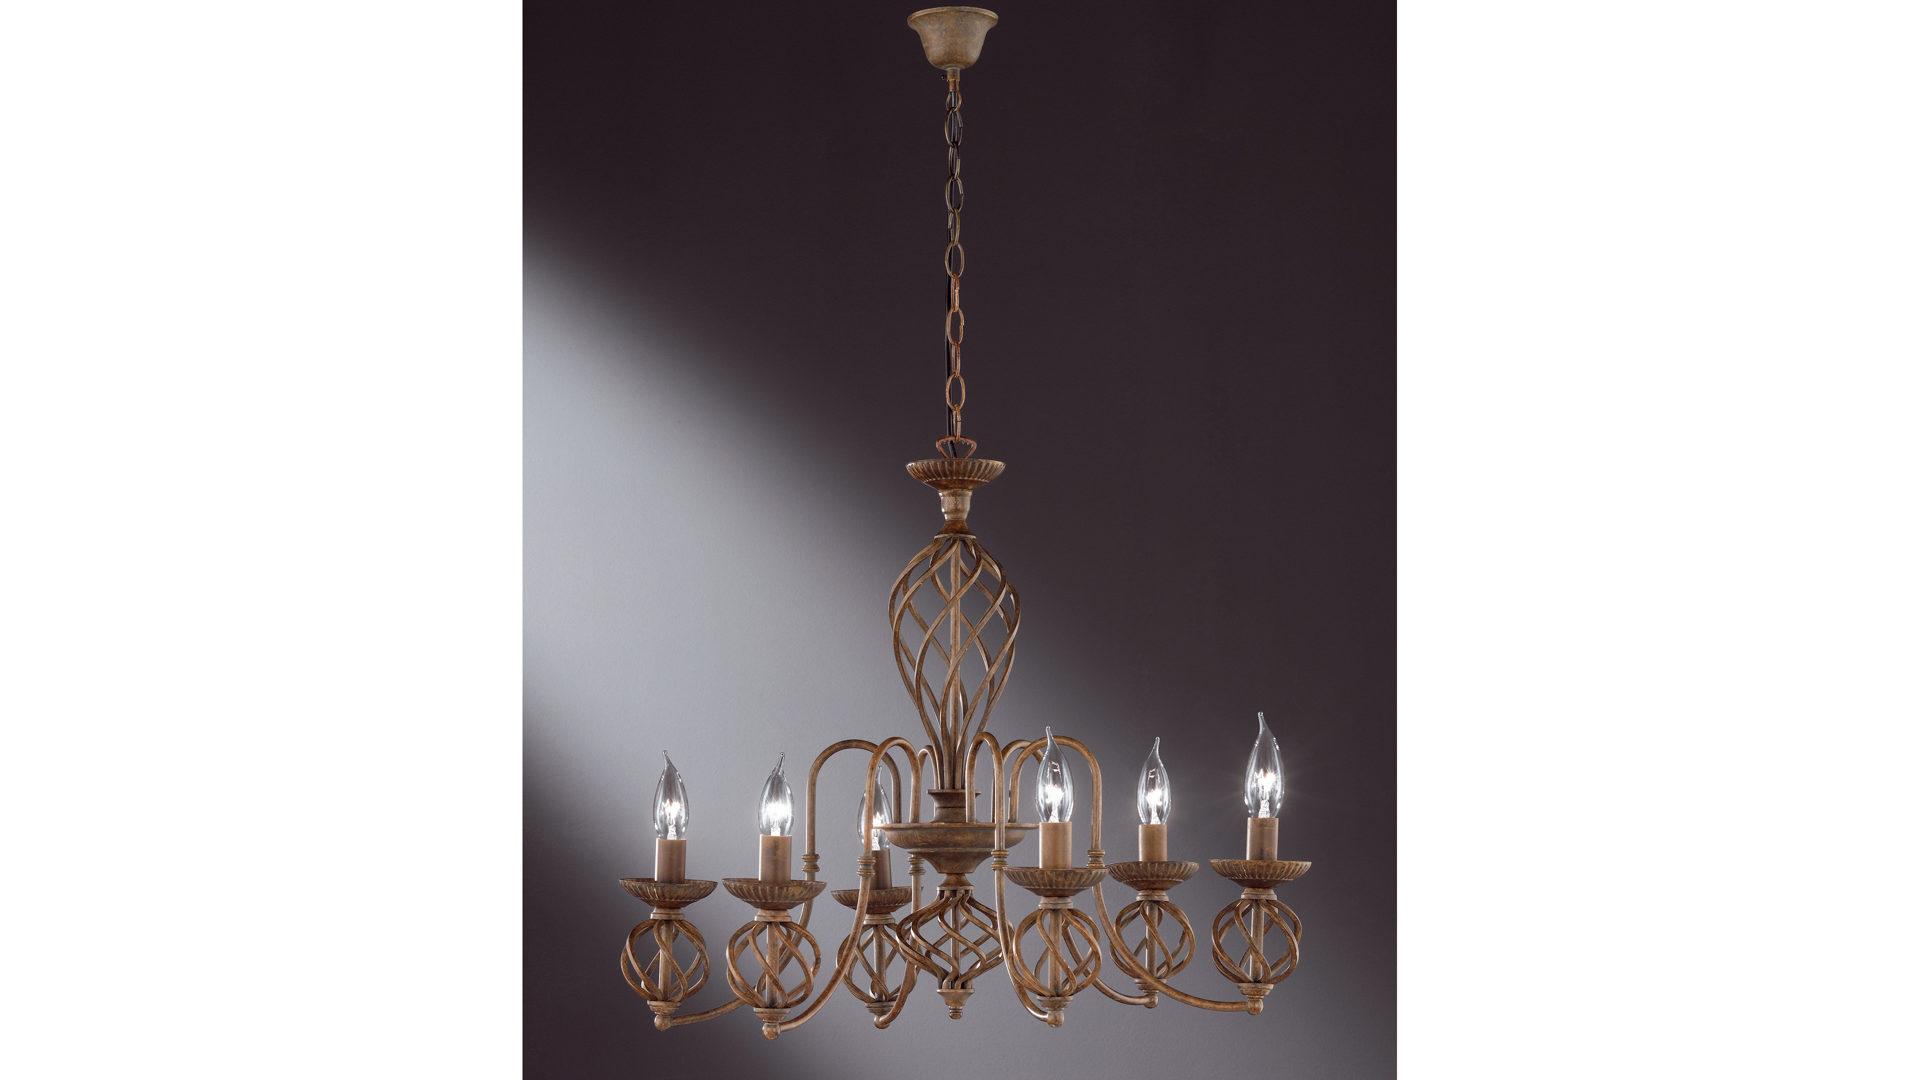 Kronleuchter Für Große Räume ~ Möbel busch räume esszimmer lampen leuchten kronleuchter